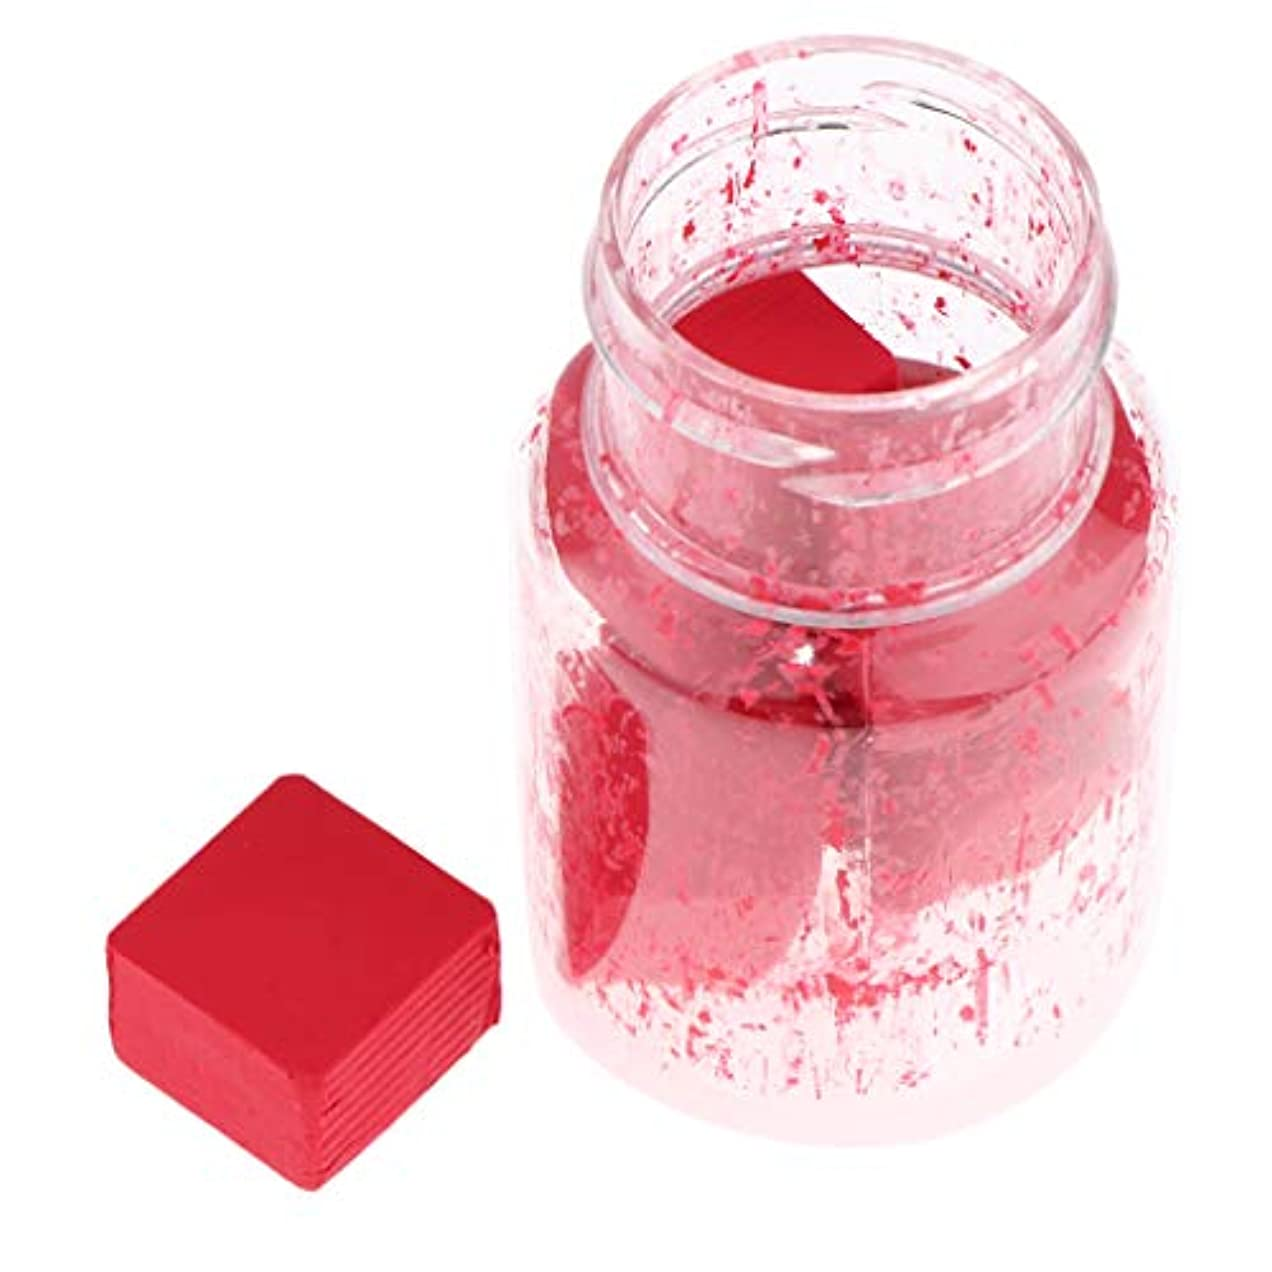 スキャンダルカジュアル友だちT TOOYFUL DIY 口紅作り リップスティック材料 リップライナー顔料 2g DIY化粧品 9色選択でき - B